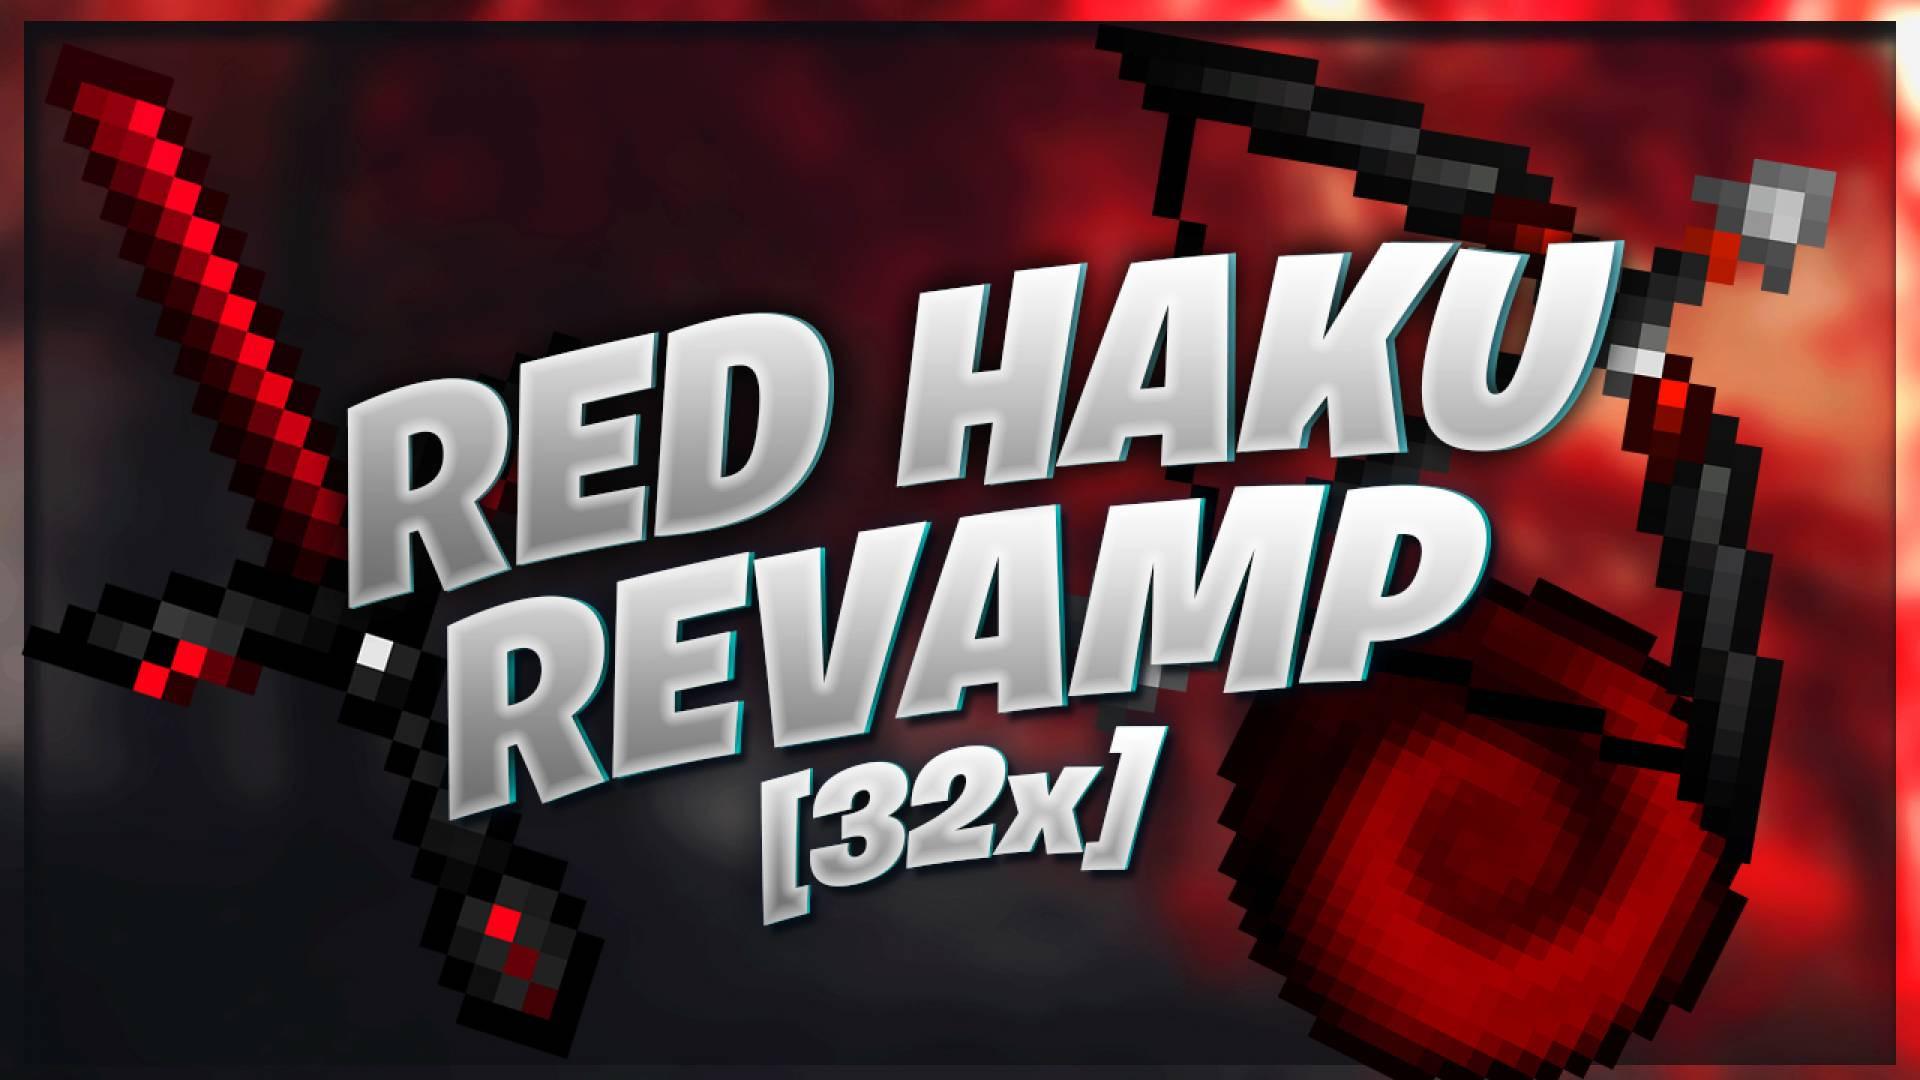 [32x] RedHaku Revamp